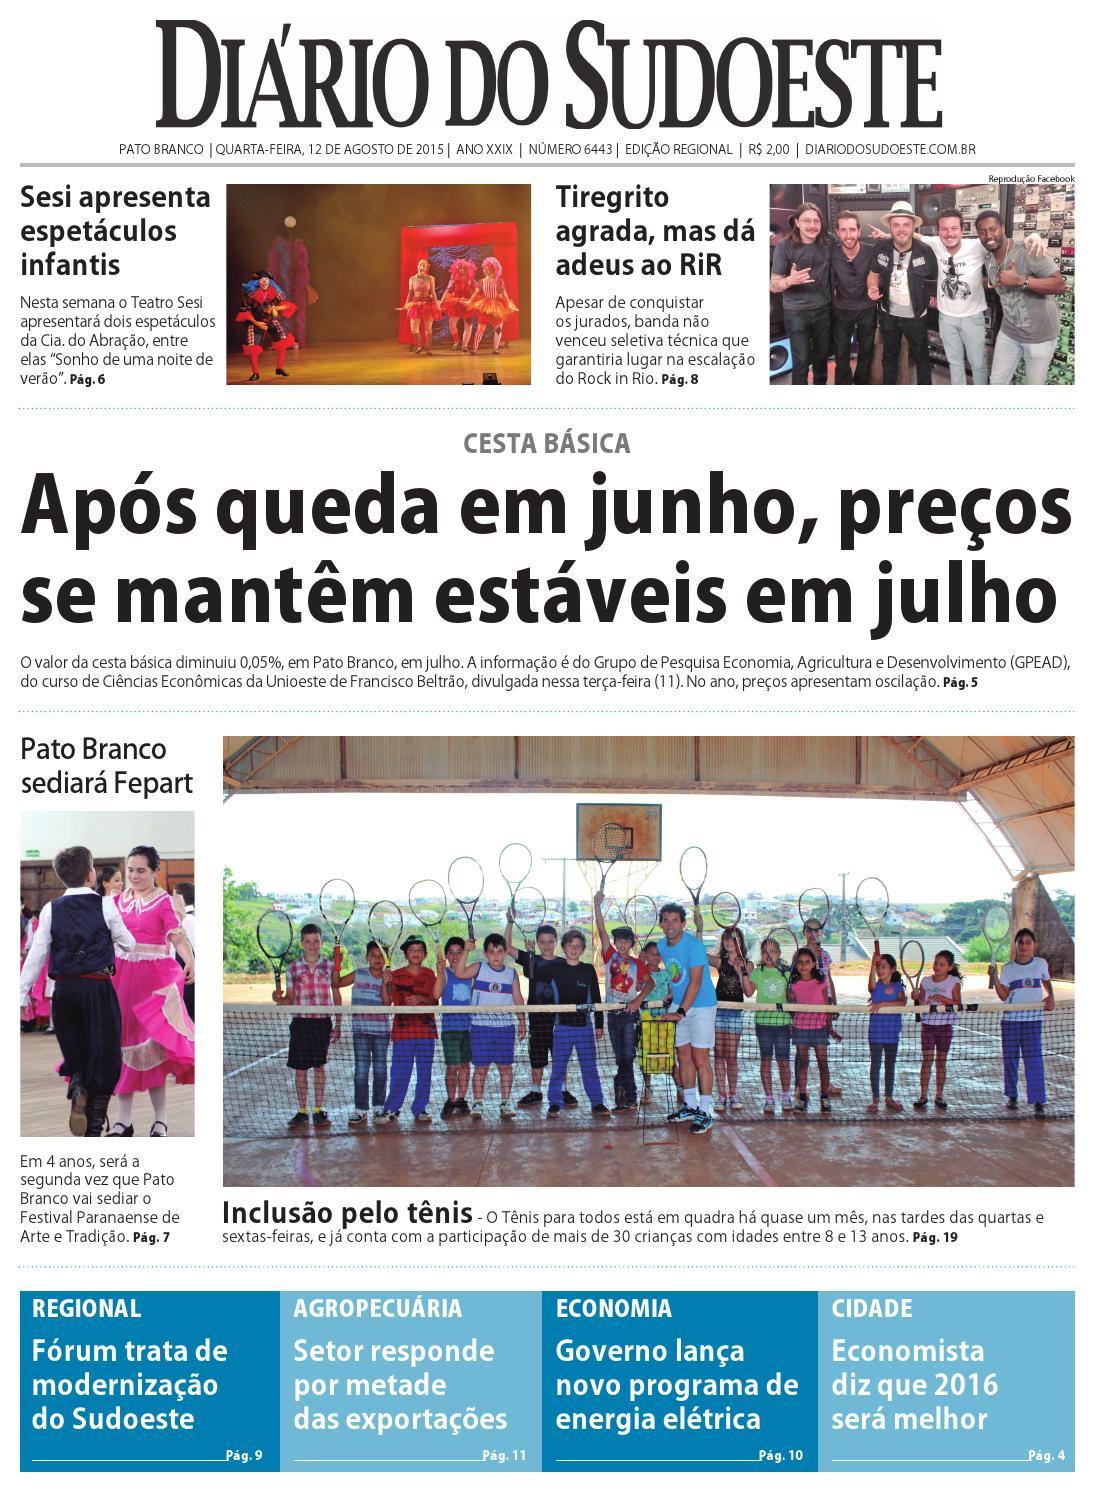 Diário do sudoeste 12 de agosto de 2015 ed 6443 by Diário do Sudoeste -  issuu 59edffdcaacb5